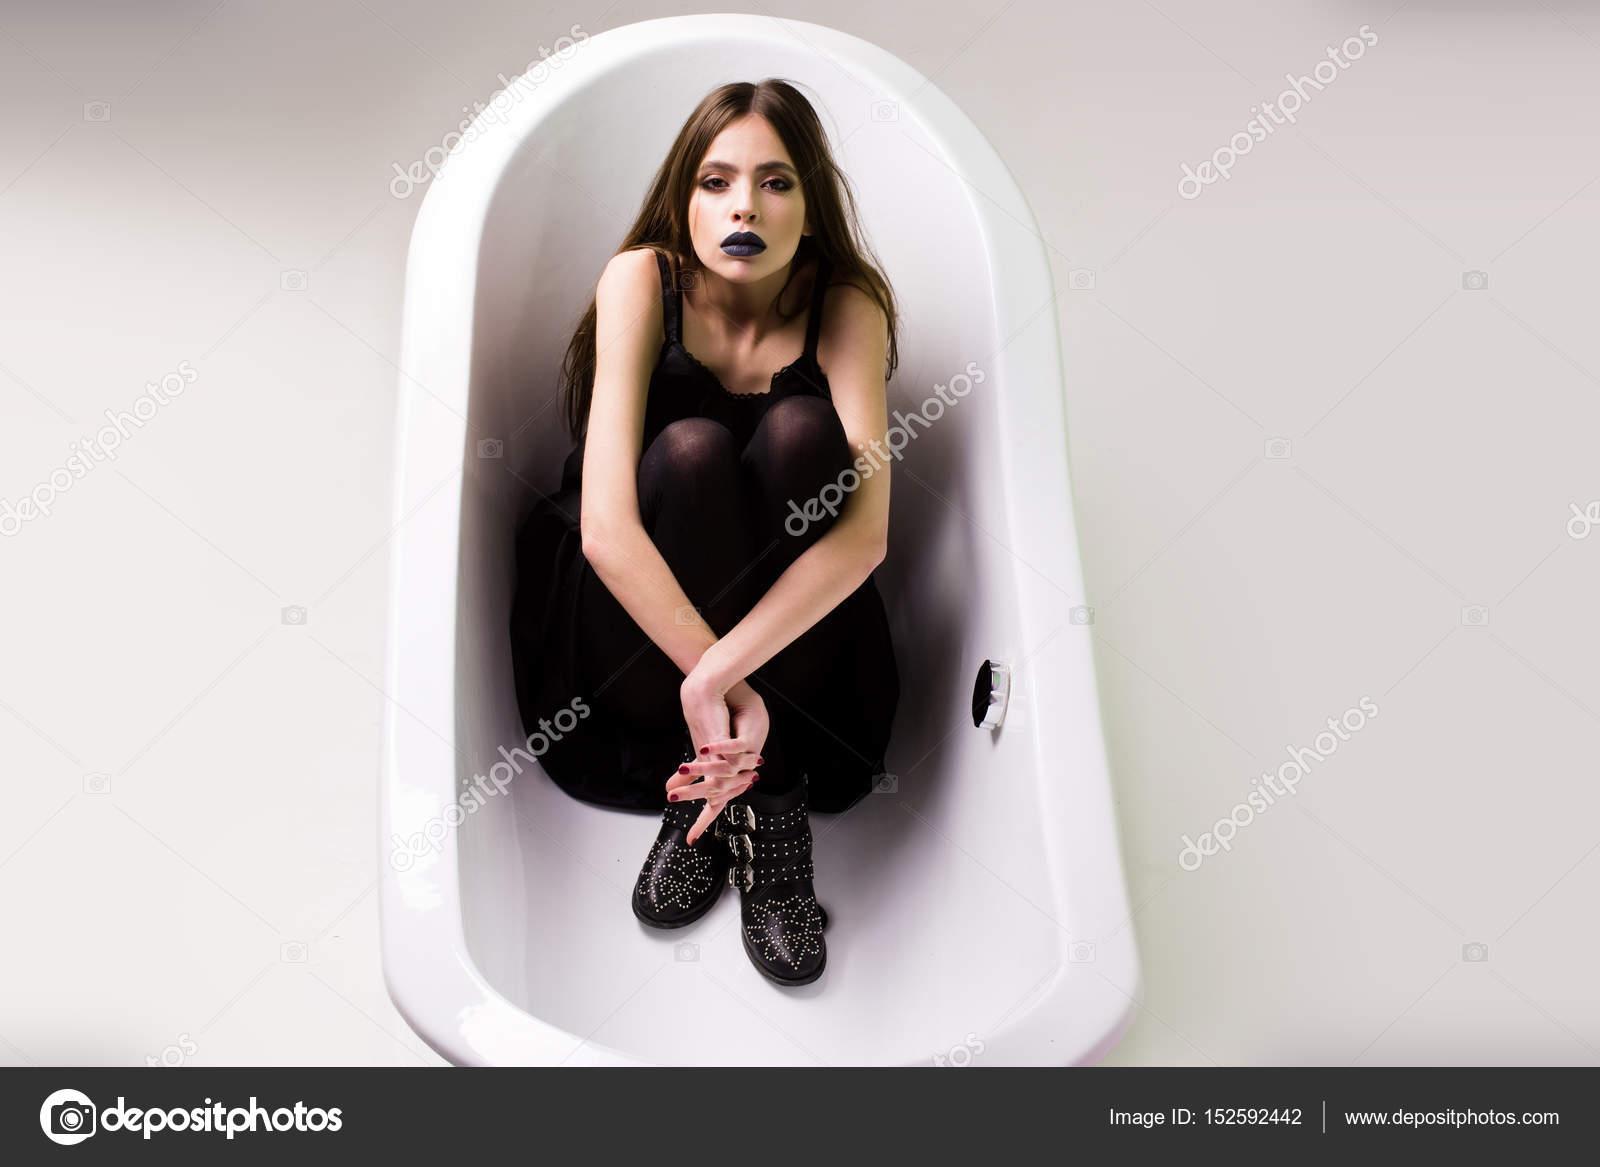 Ног в ванной : фото и фотки девушка в ванне, скачать картинка